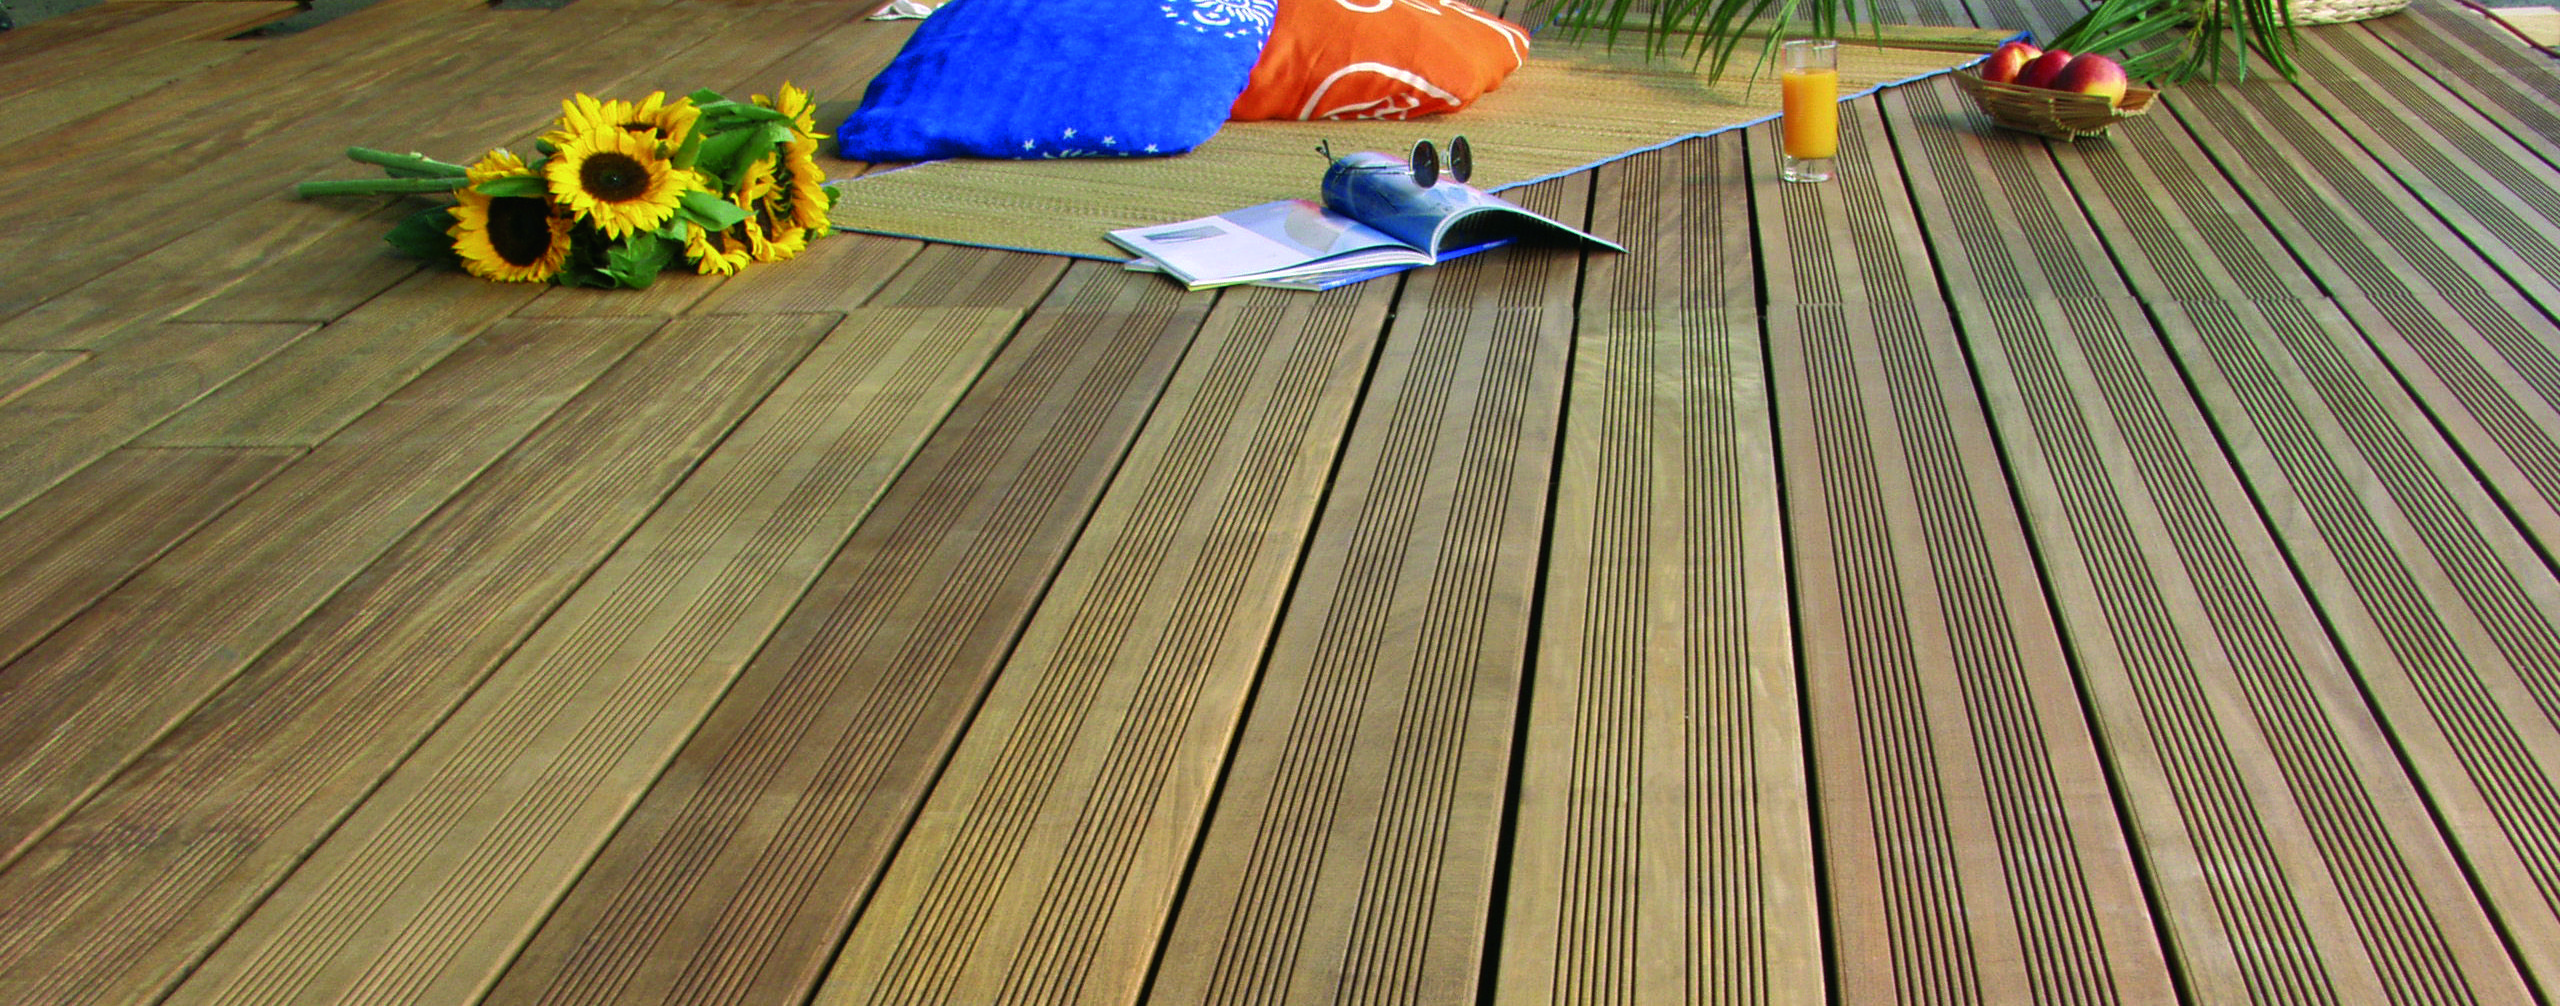 Esthetiques Et Chaleureuses Les Lames De Terrasse En Bois Exotique Cumaru Presentent Des Qualites Exceptionnelles De Lame Terrasse Terrasse Bois Bois Exotique